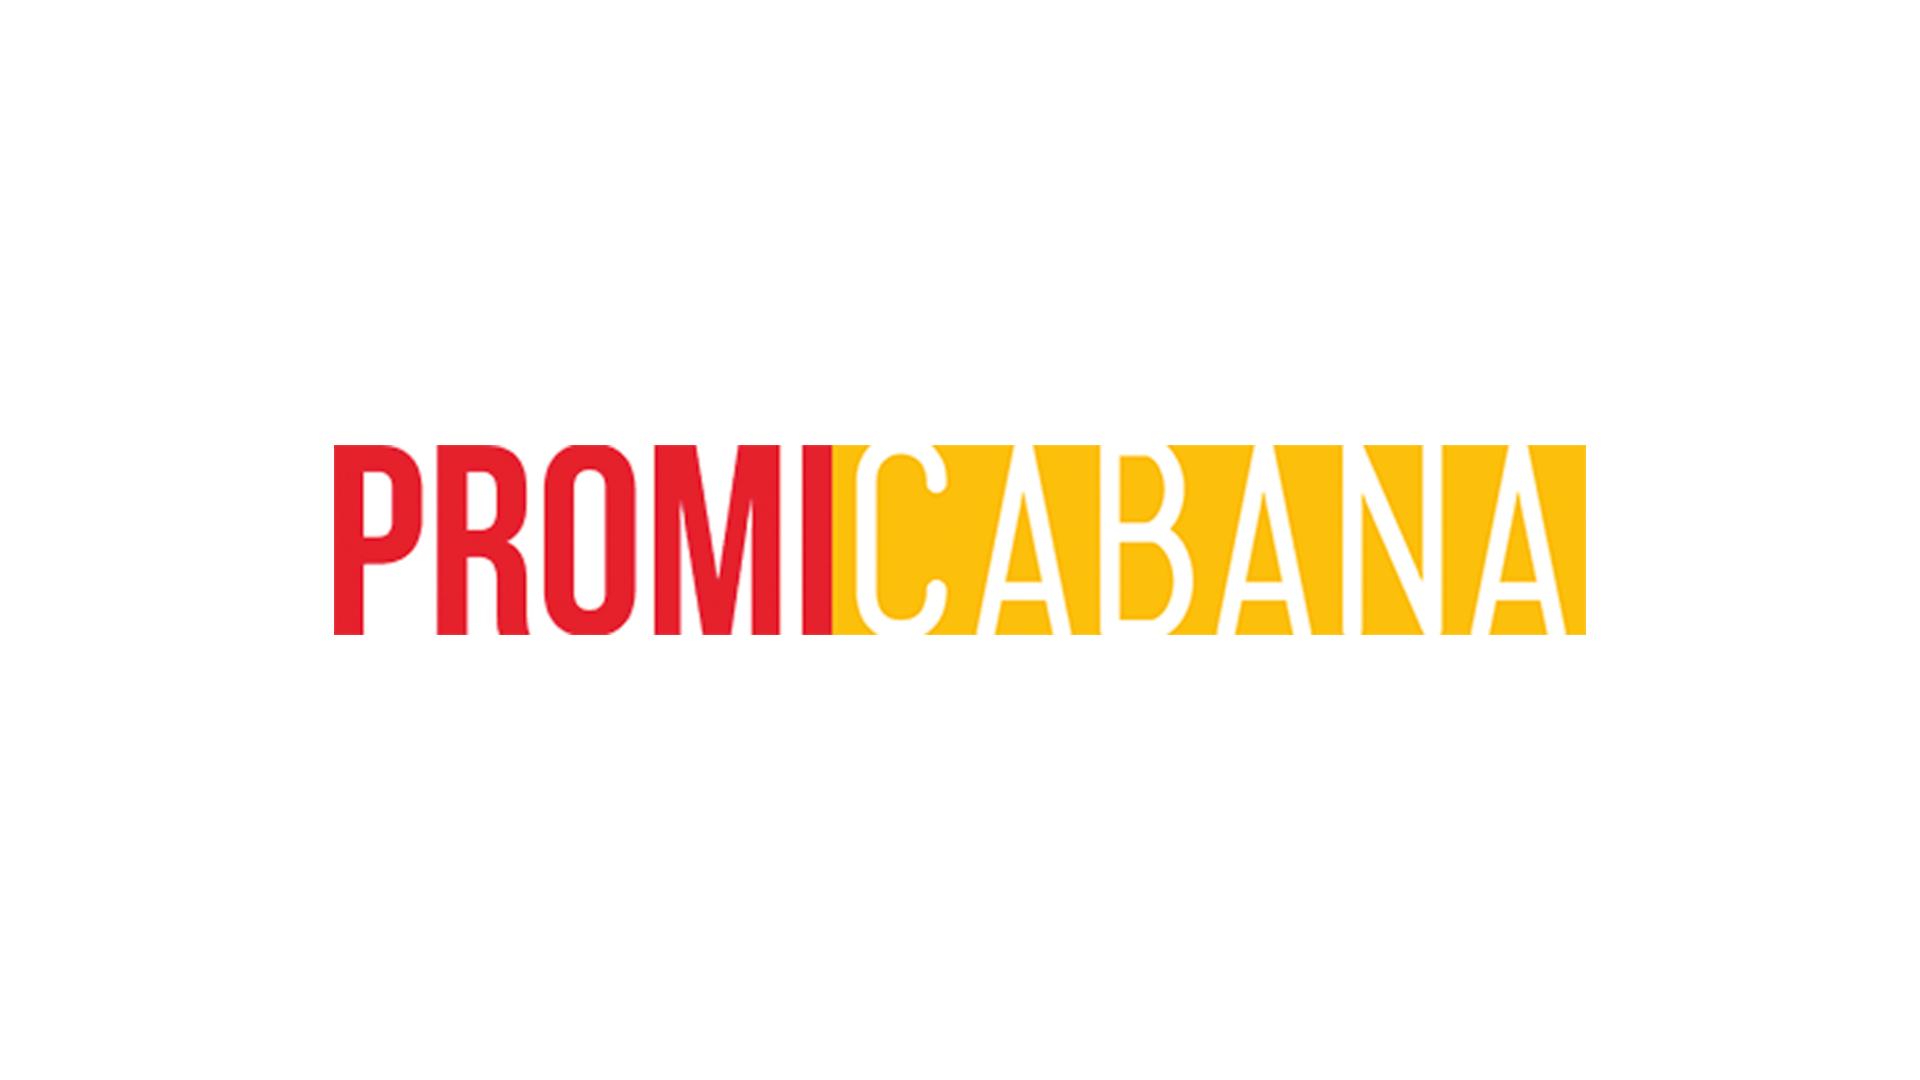 Keira-Knightley-Tschad-Unicef